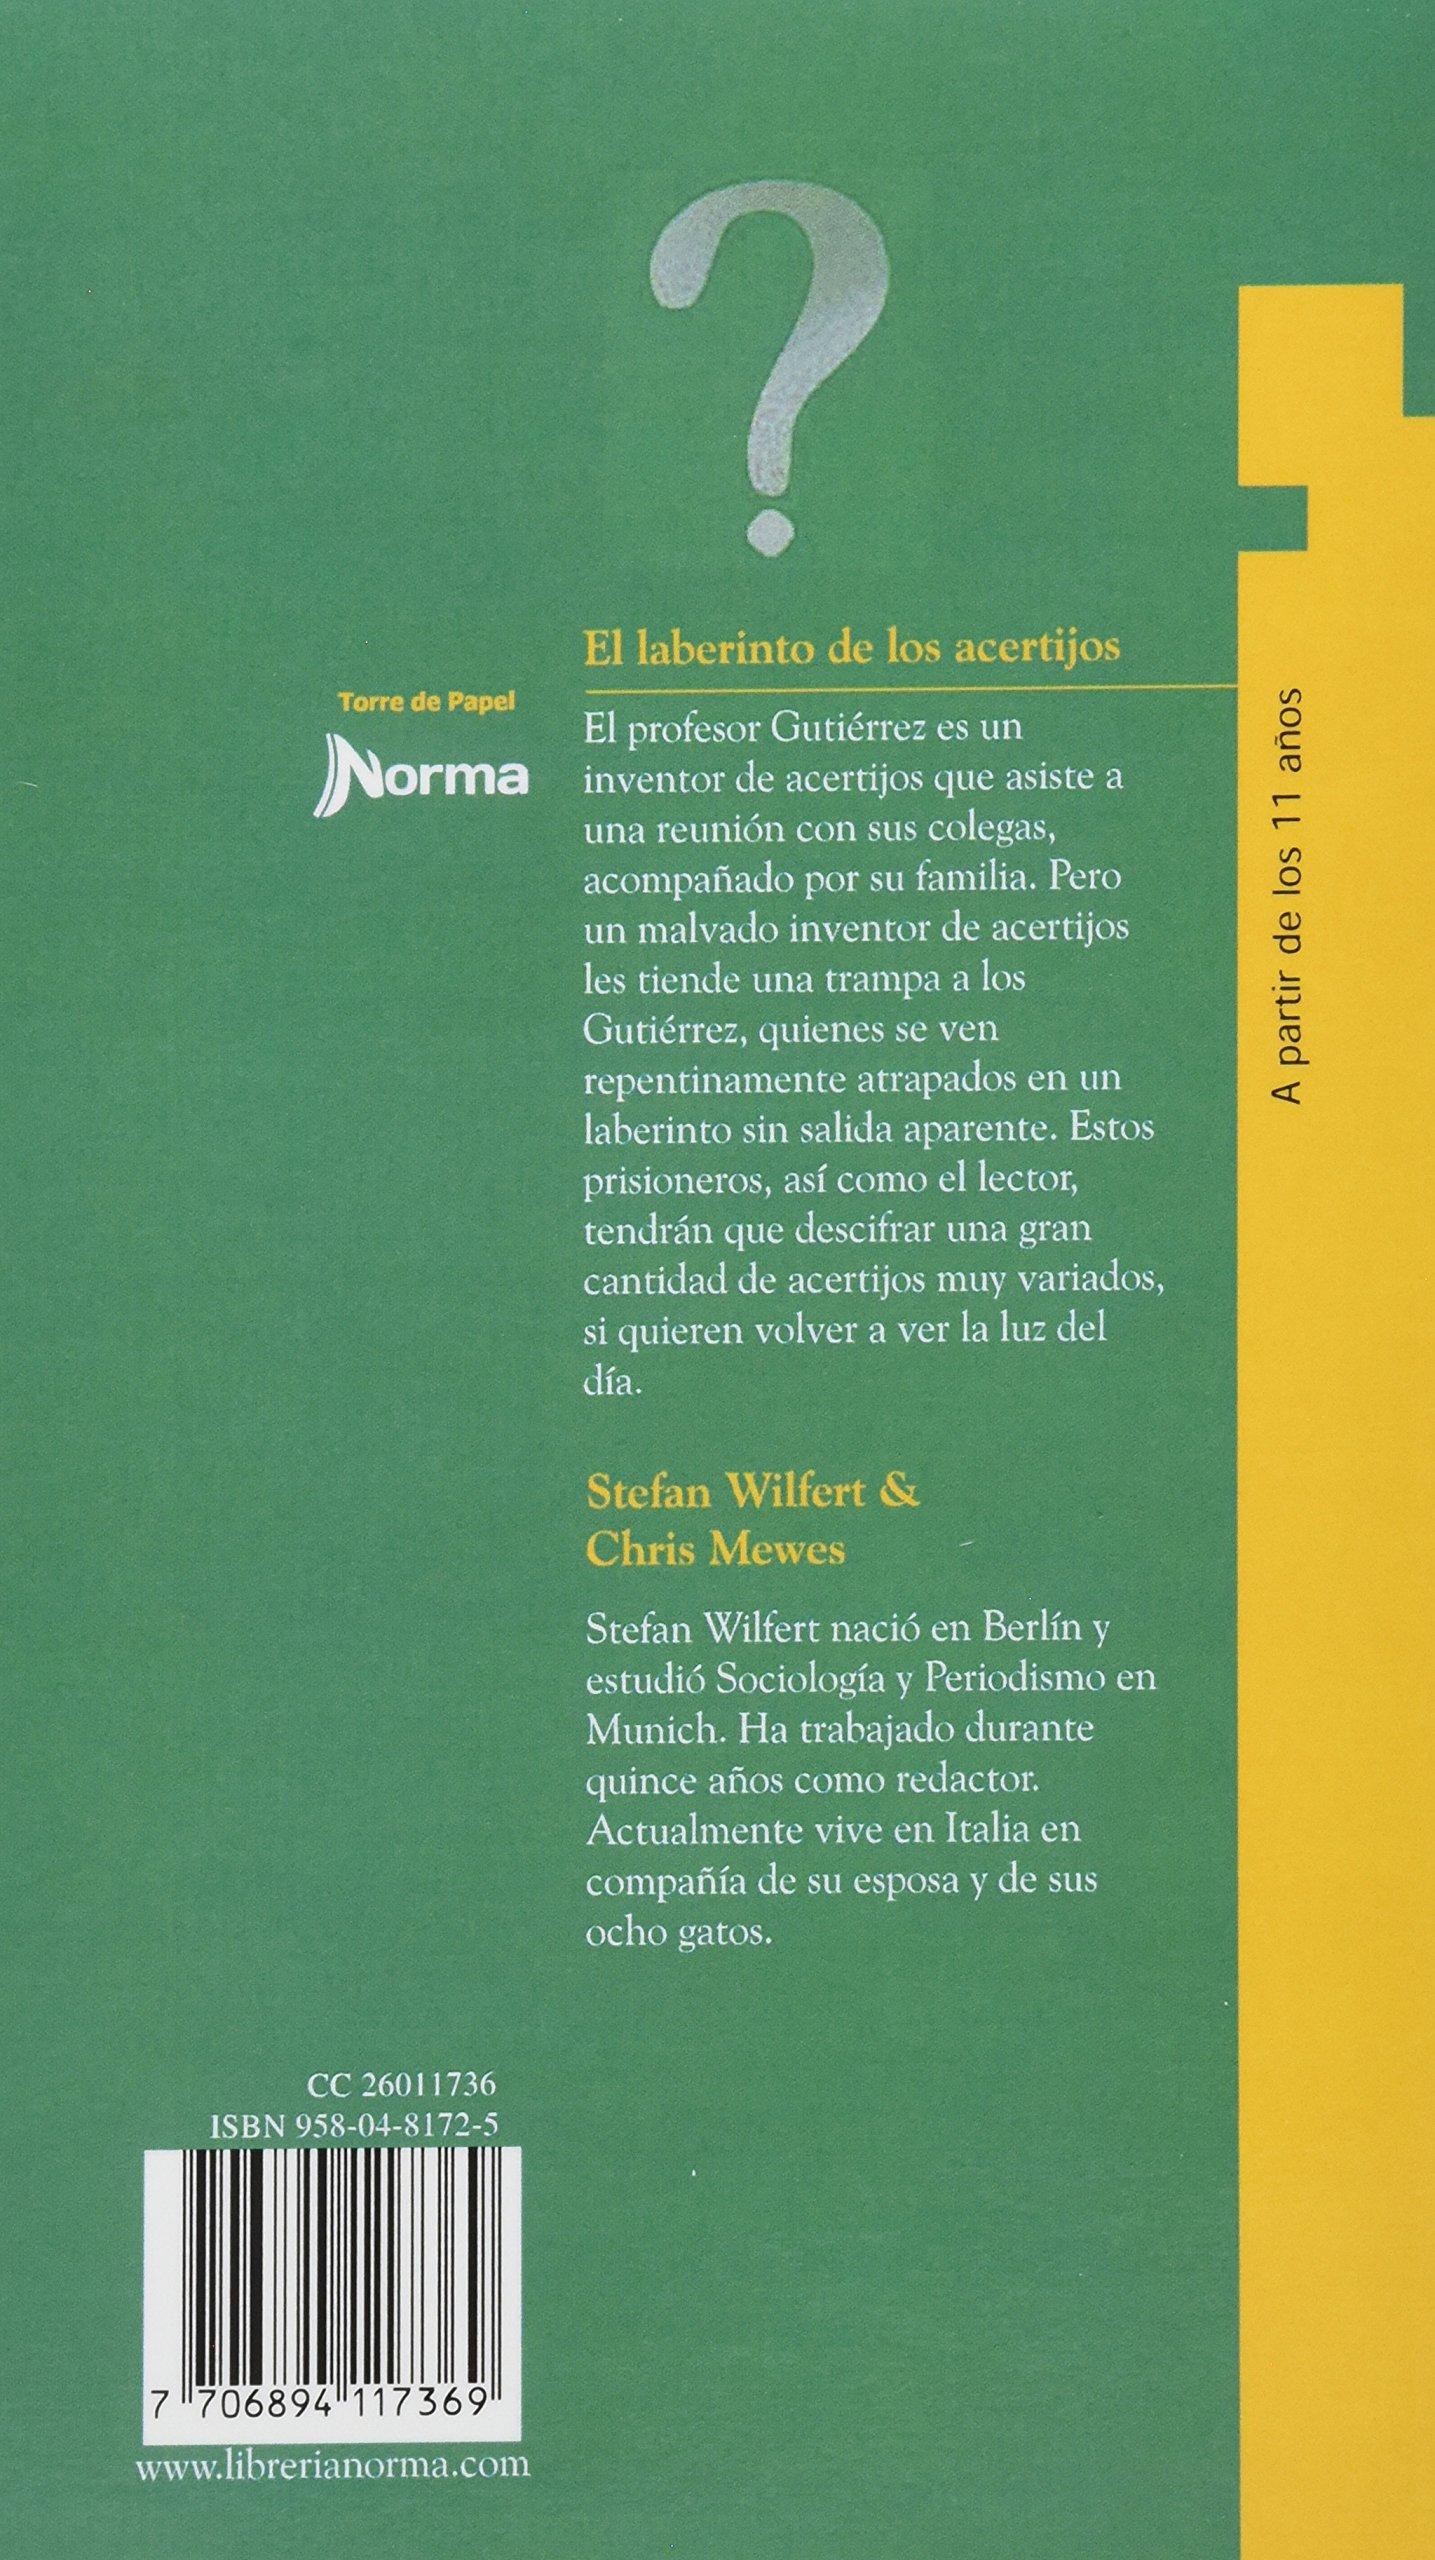 EL LABERINTO DE LOS ACERTIJOS: STEFAN WILFERT Y CHRIS MEWES: 7706894117369: Amazon.com: Books